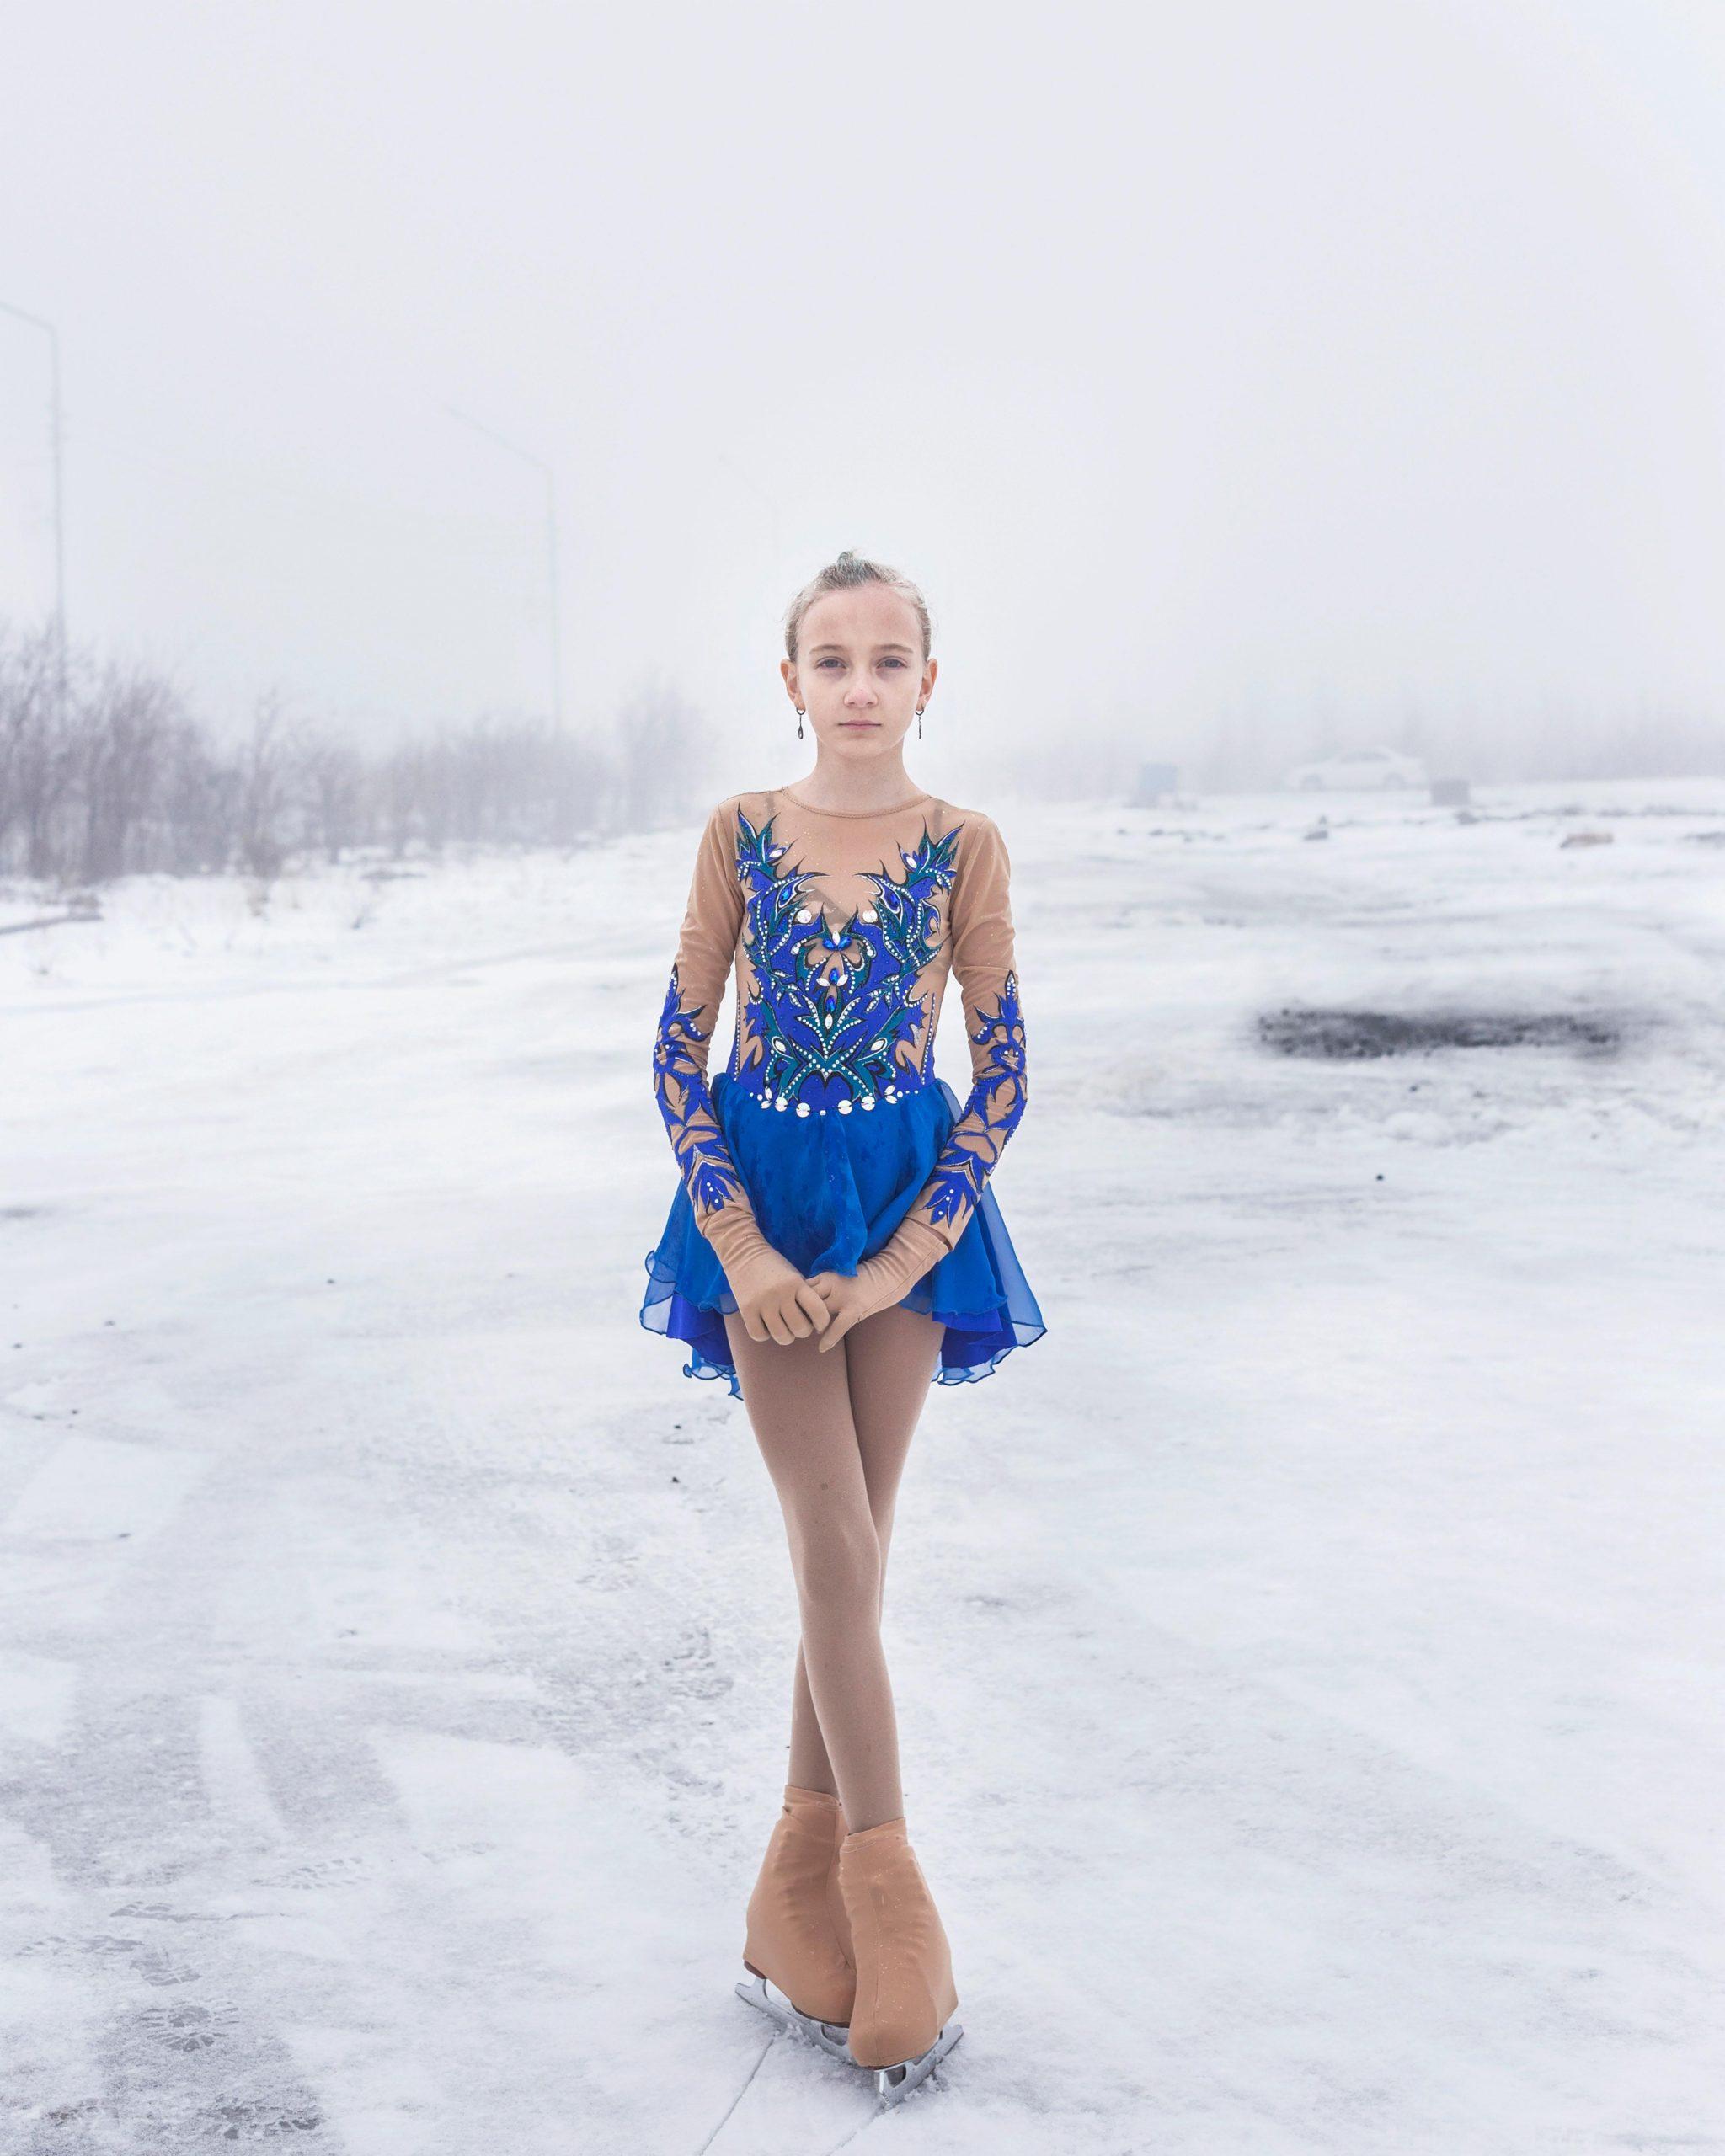 """Titre: """"дачный, Lena"""" - Udachny, Russie Ce portrait fait partie d'un documentaire sur une ville minière de diamants en Yakoutie, en Russie. «Udachny» est le nom de la ville, qui se traduit par chanceux car les premiers diamants russes y ont été trouvés. la série est un portrait de «Udachny» et un hommage à ses fiers habitants partant dans des conditions climatiques difficiles dans l'extrême nord de la Russie."""